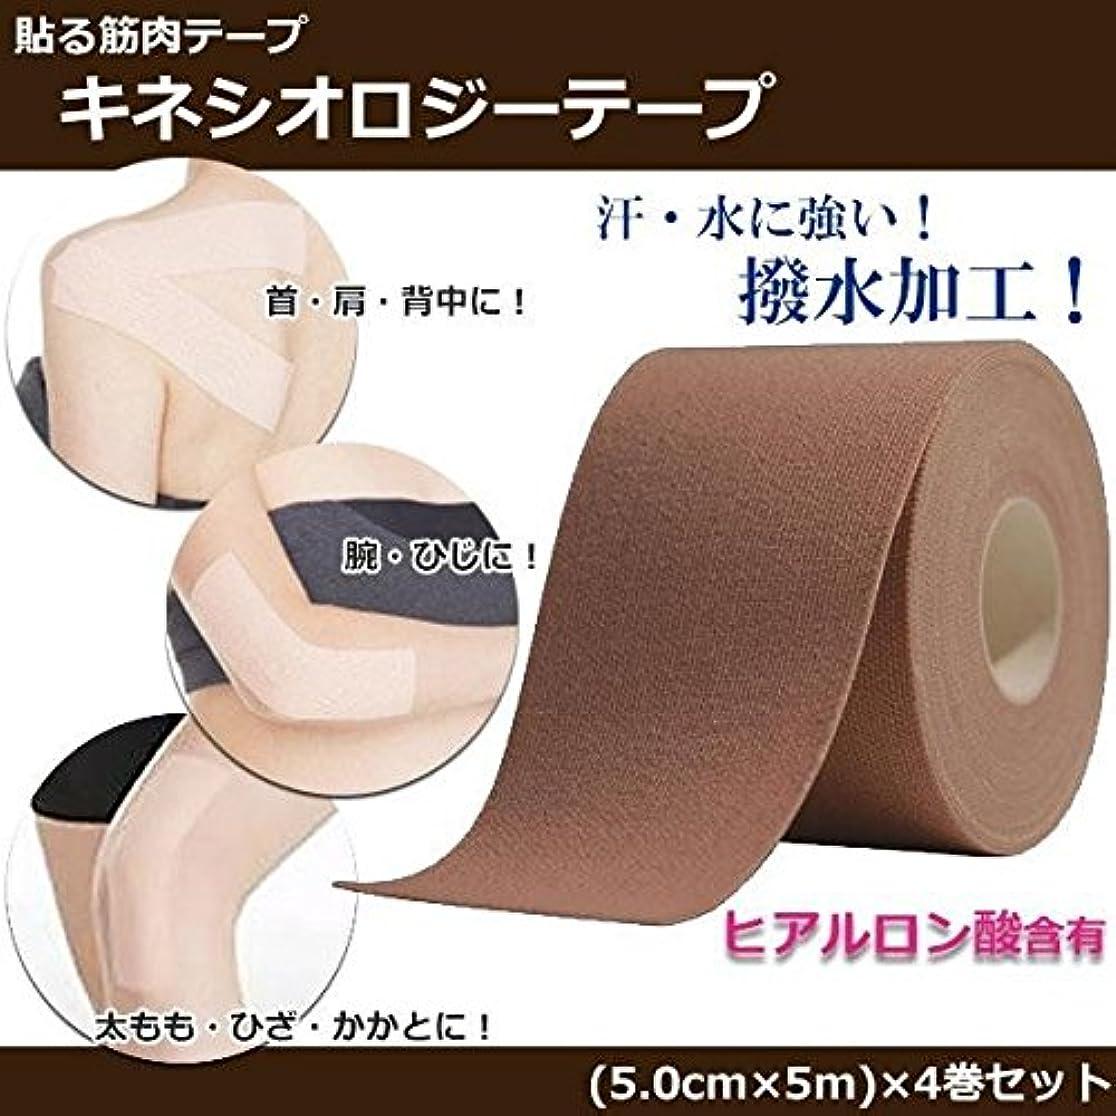 ロードブロッキング盗難忘れる貼る筋肉テープ キネシオロジーテープ ヒアルロン酸含有 日本製 4巻セット